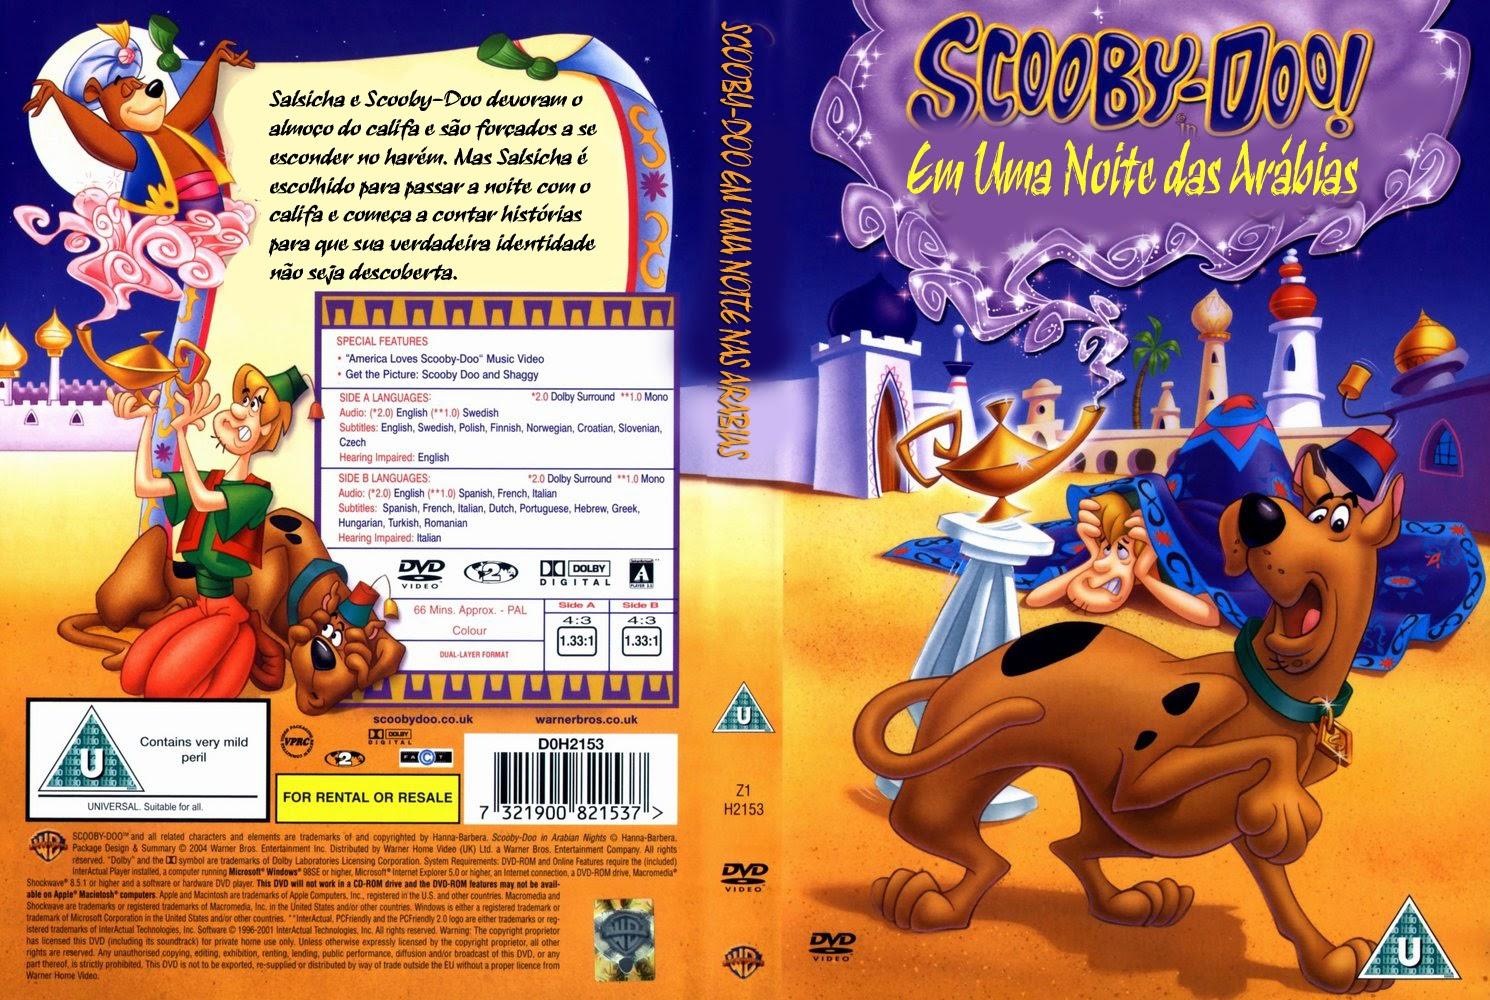 Scooby-Doo Uma Noite das Arábias